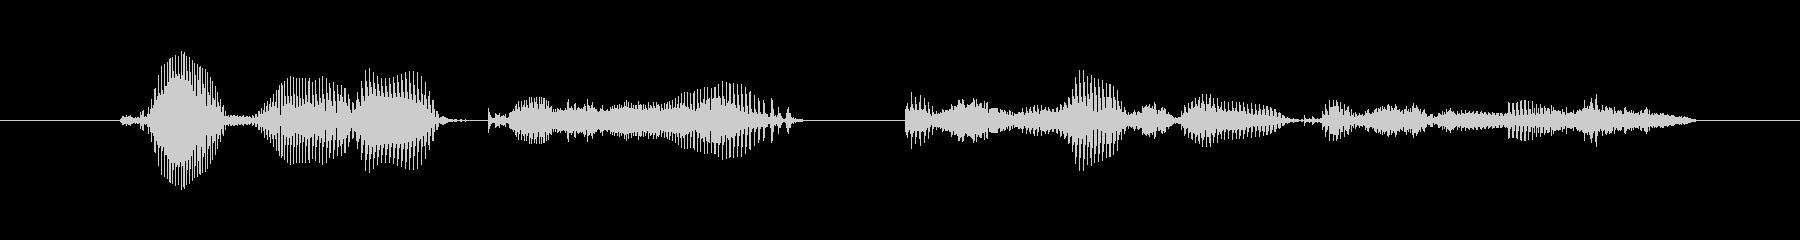 【時報・時間】午後6時を、お知らせいた…の未再生の波形